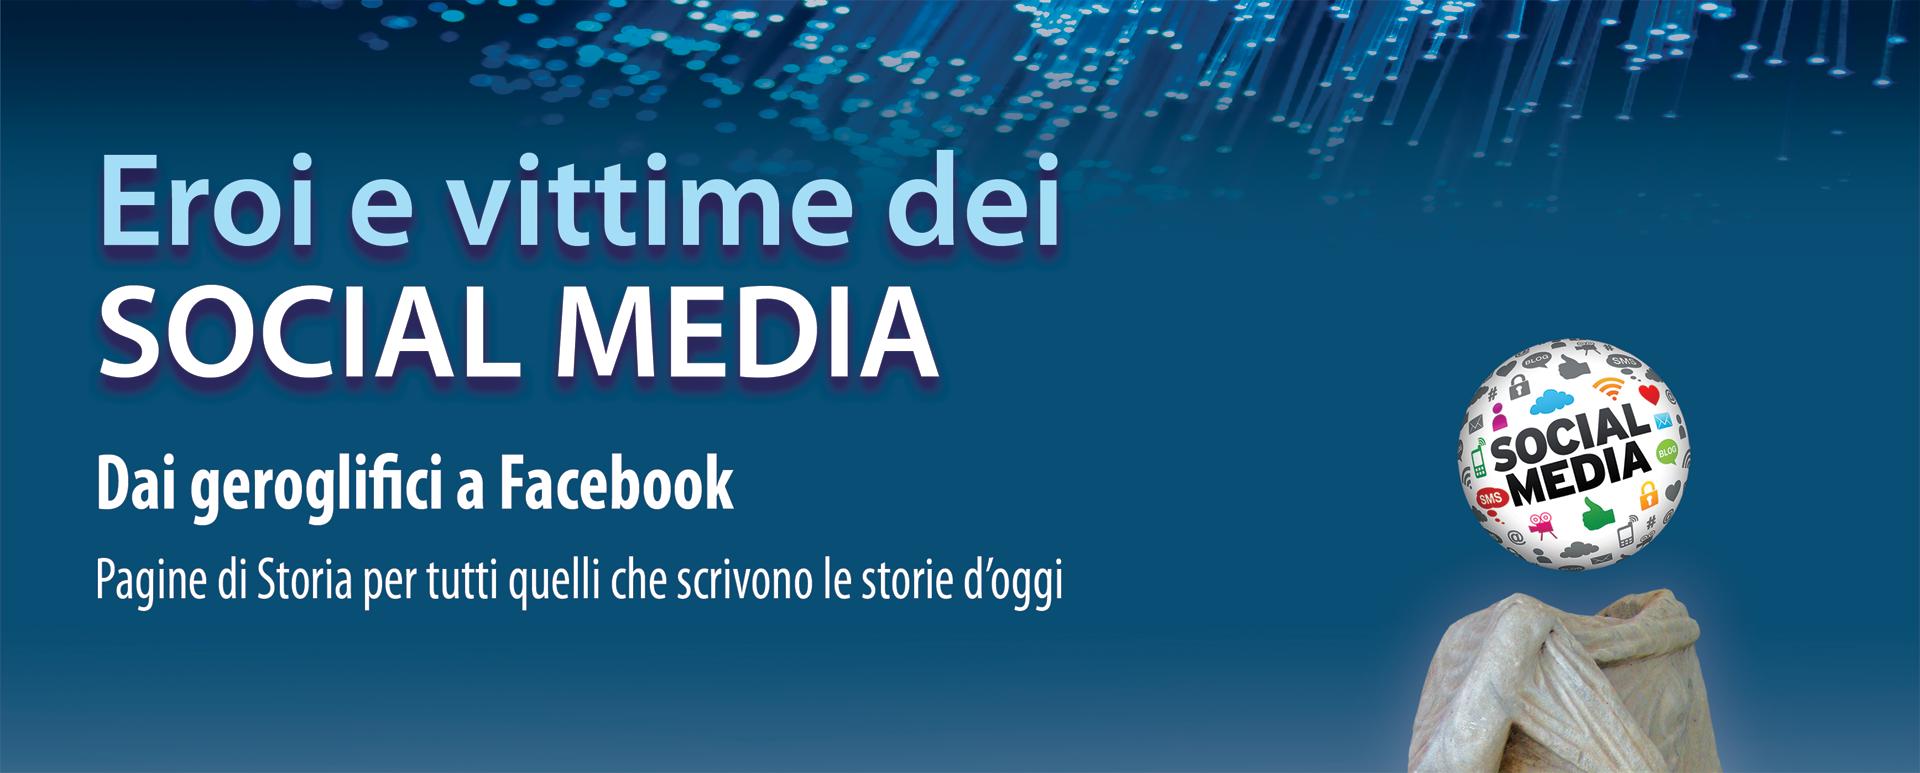 social_media_italy